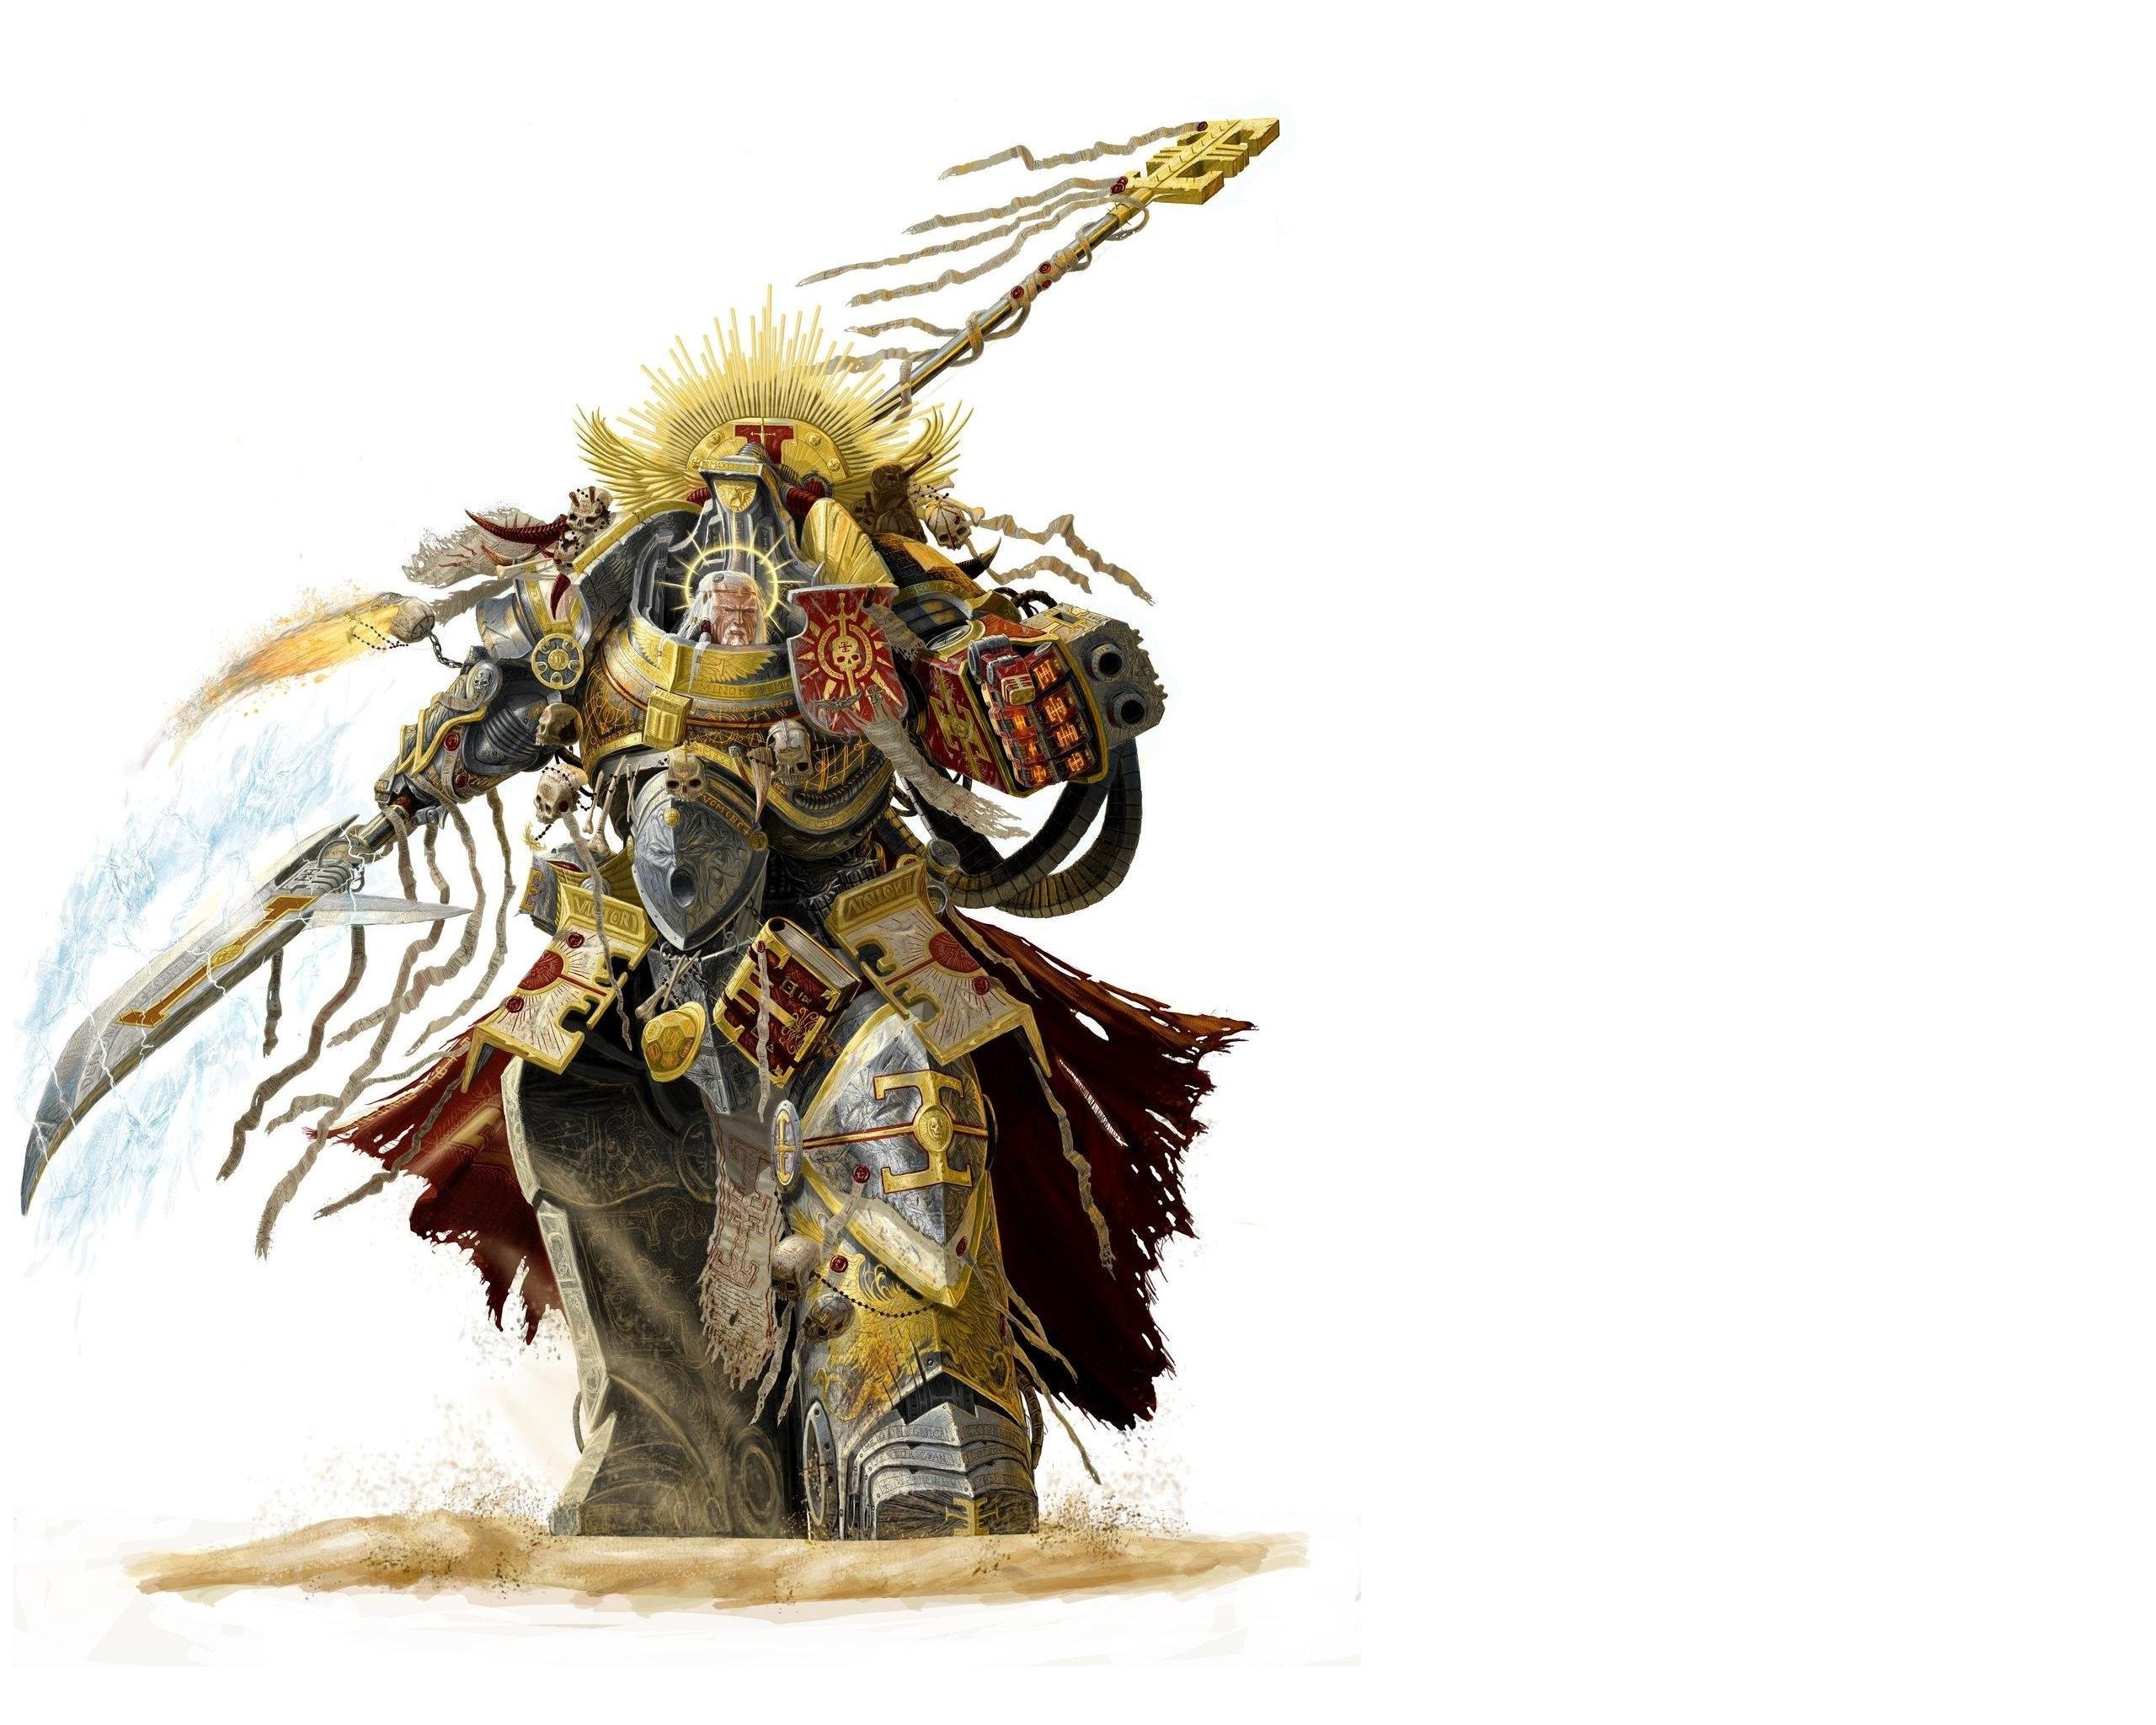 Artwork warriors Grey Knights Space Marine Warhammer 40 000 Warhammer 40k  wallpaper | | 309384 | WallpaperUP